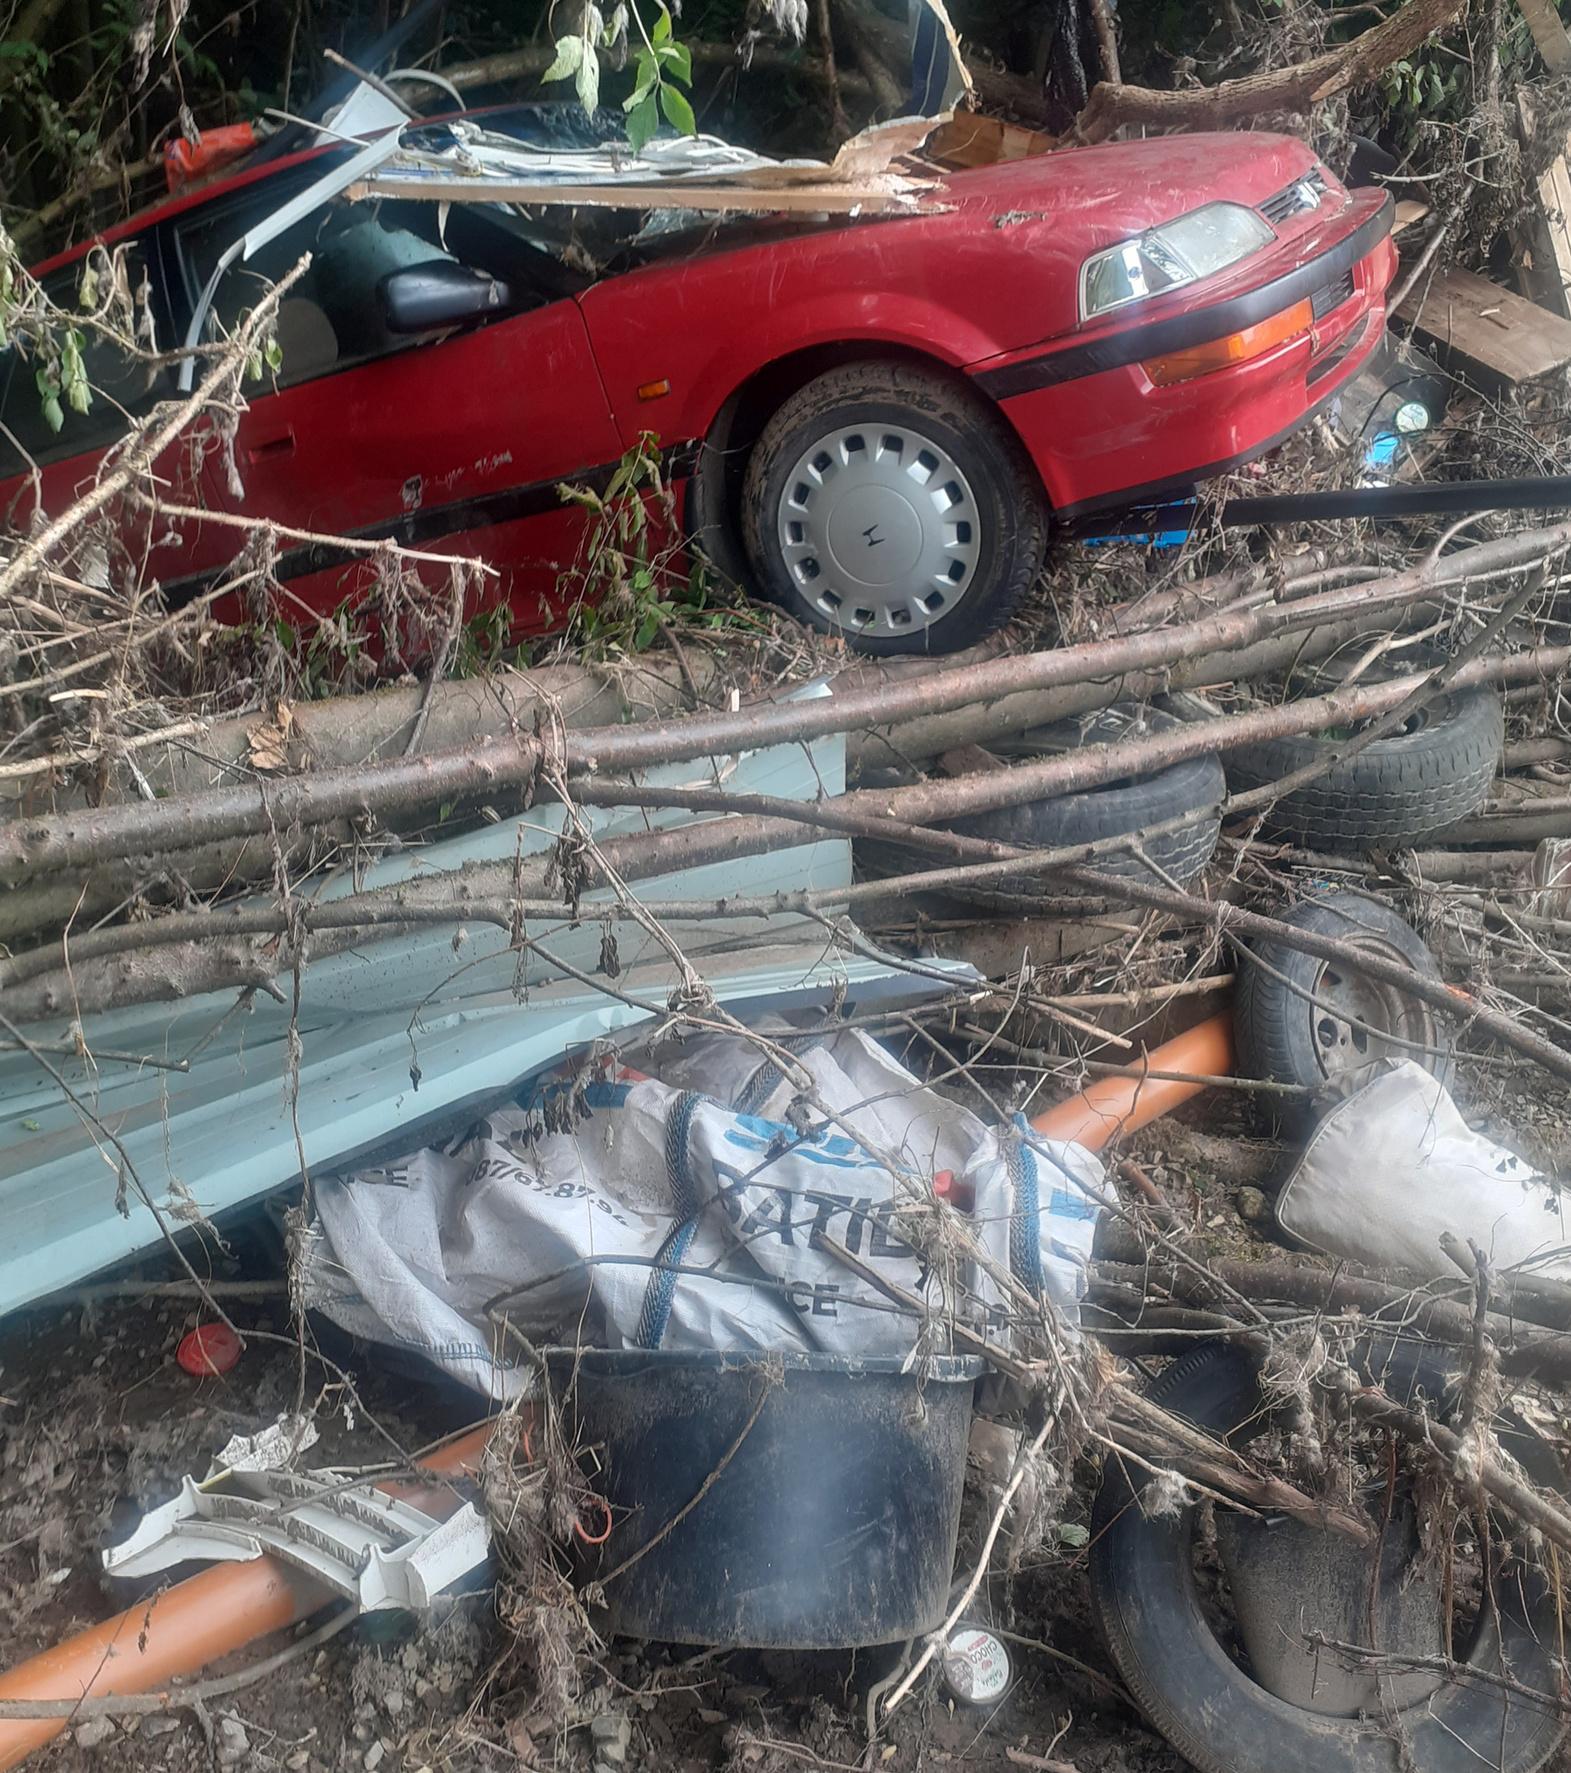 Goffontaine (fraction de Pepinster): carcasse de voiture projetée, sous la violence des inondations, dans un bois situé à plusieurs dizaines de mètres le long de la Vesdre !, DSS